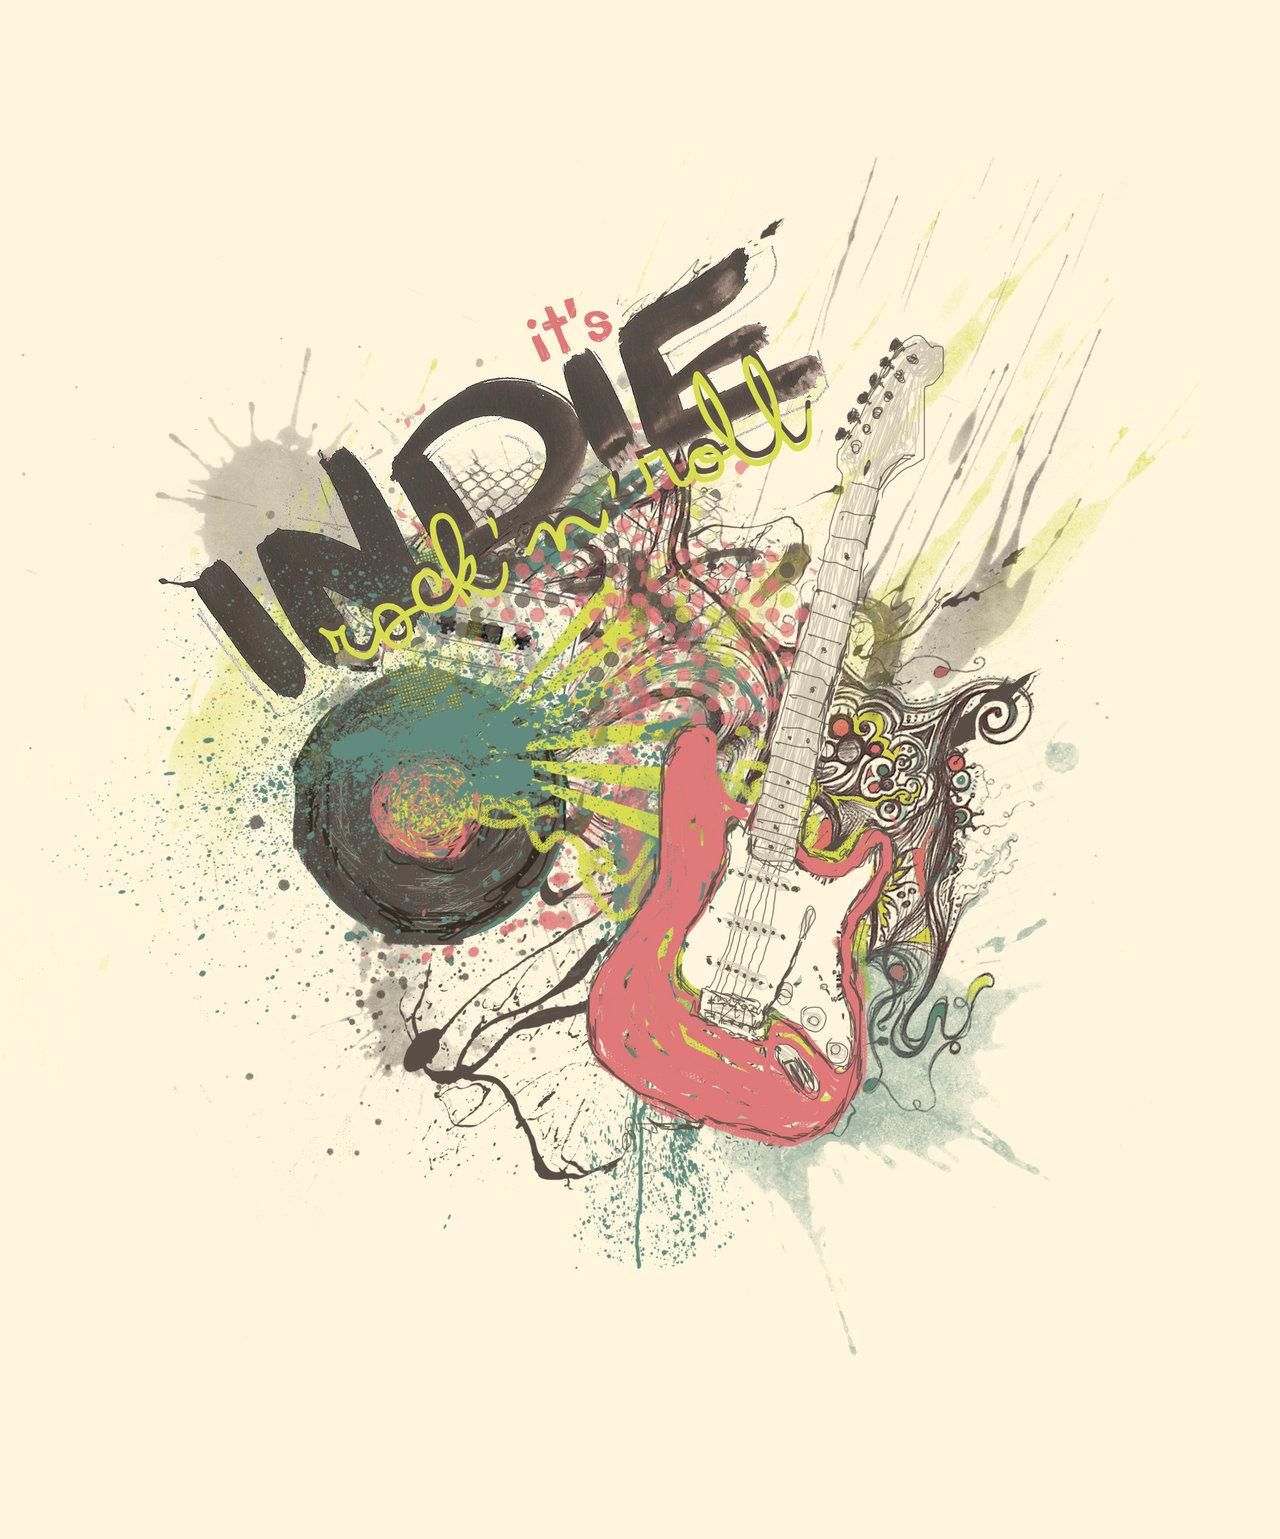 Indie Rock Wallpaper It  s indie rock  n  roll by 1280x1539